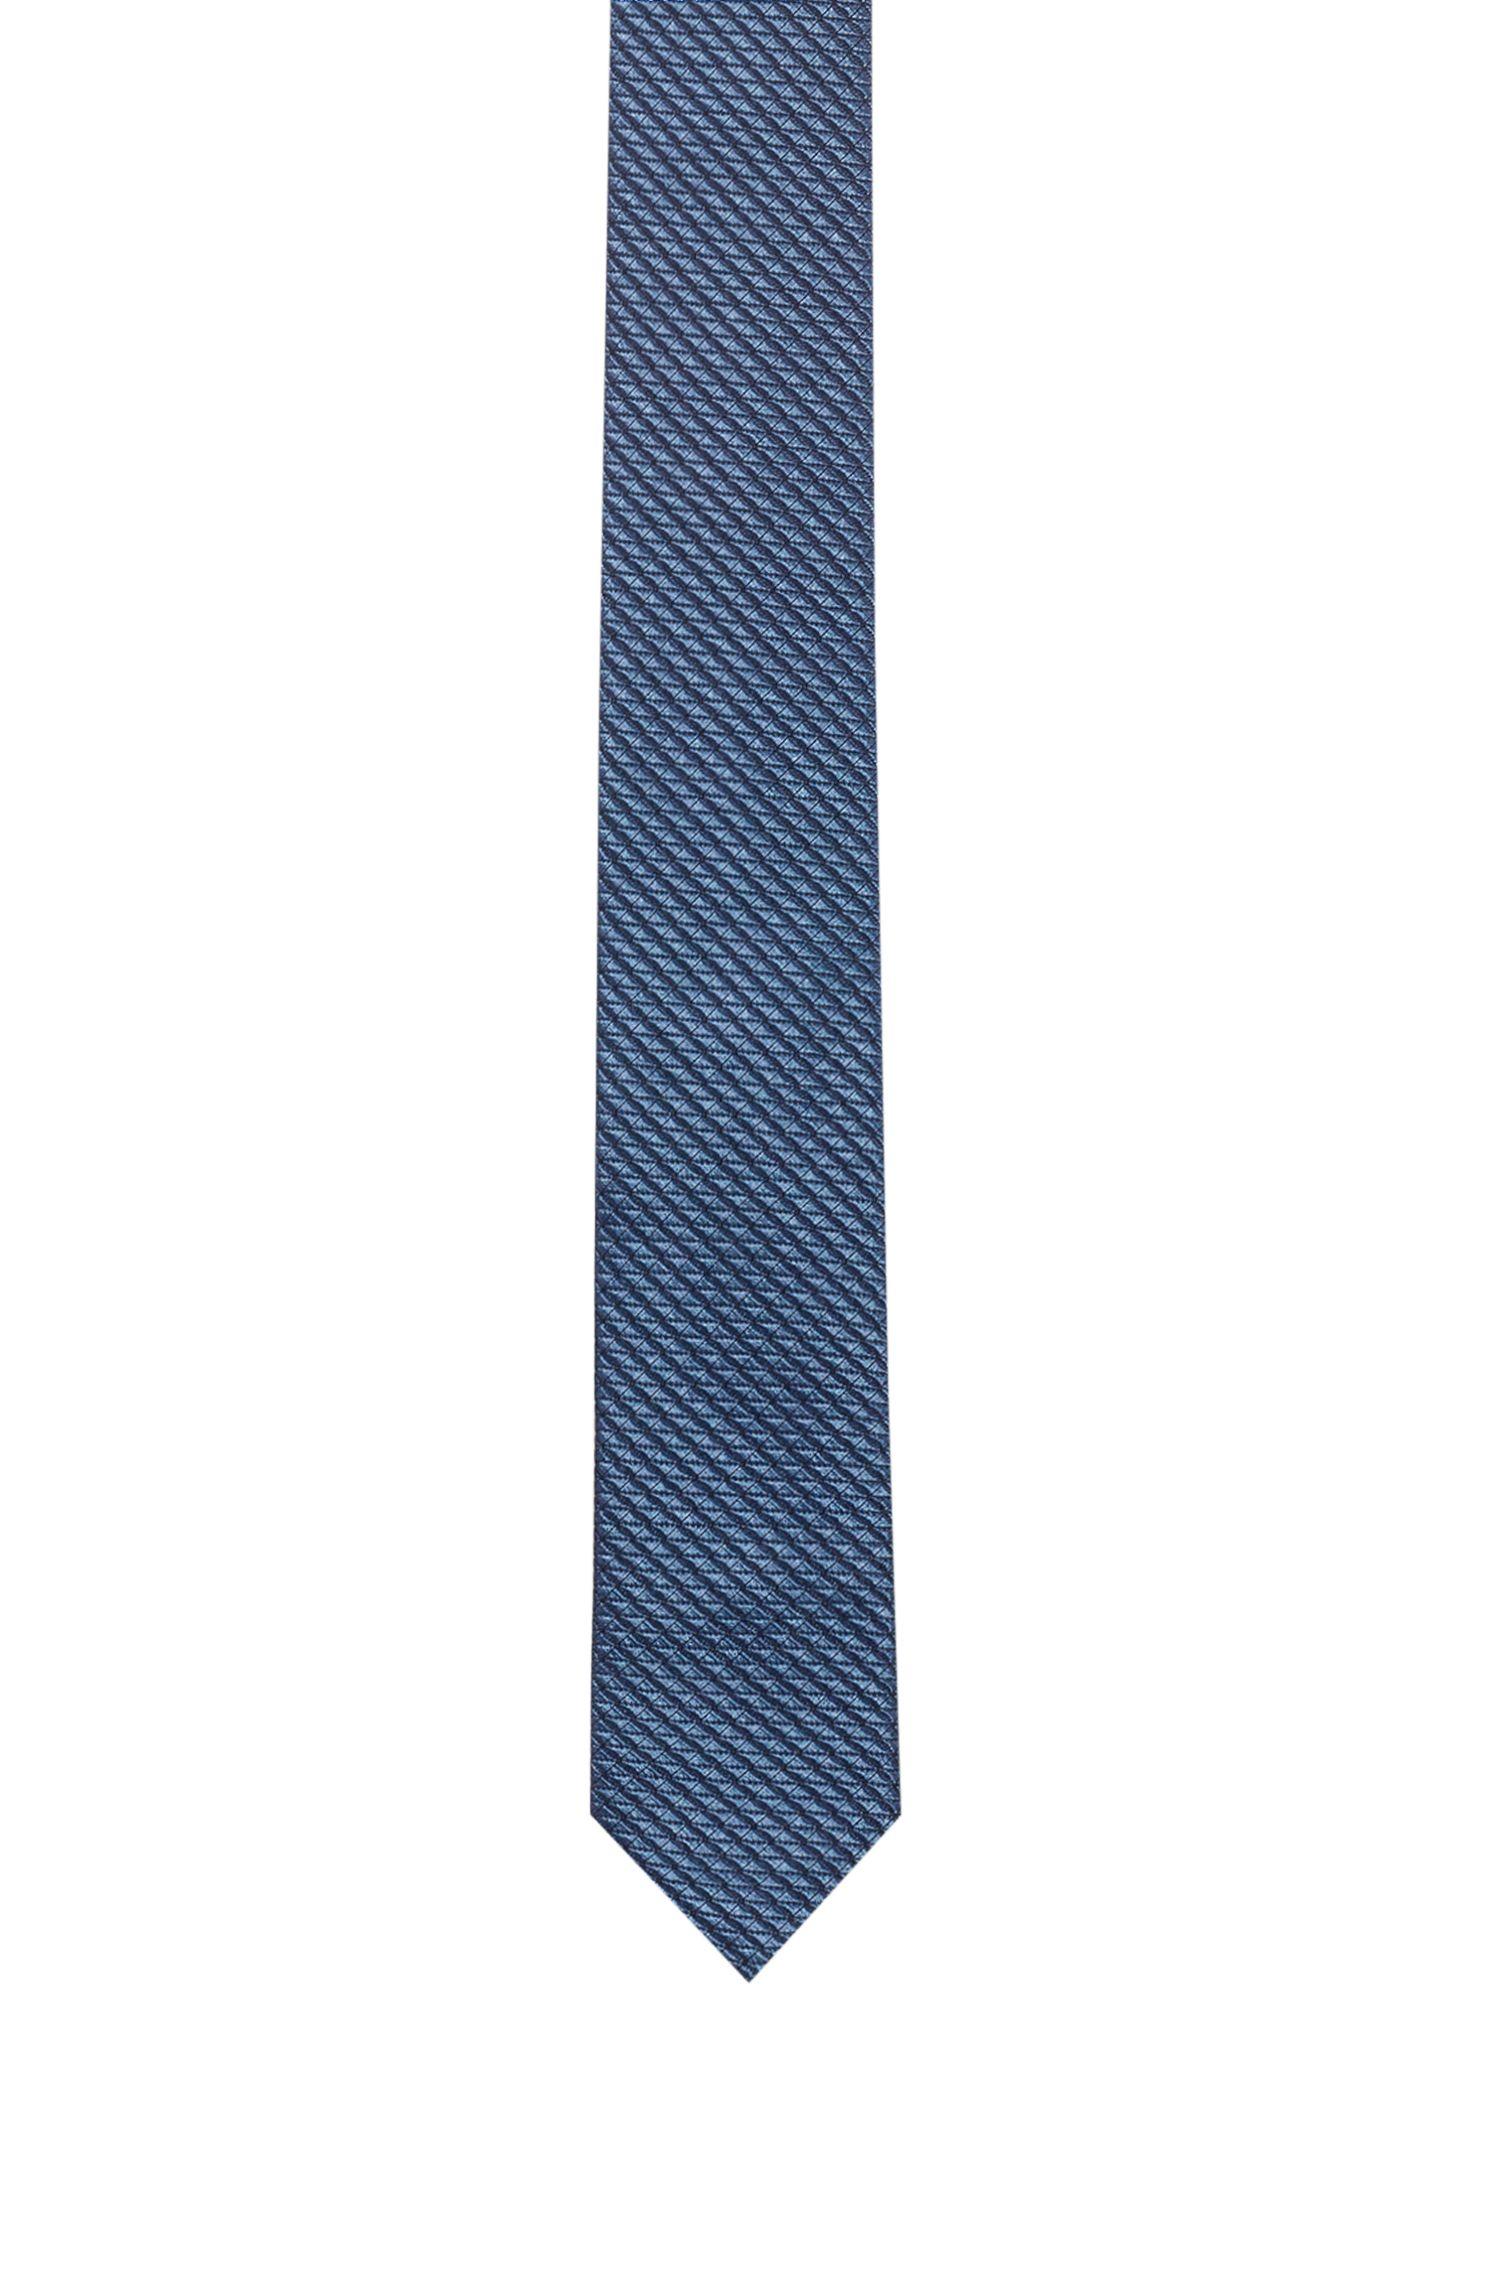 Moderne Jacquard-Krawatte aus elastischem Seiden-Mix